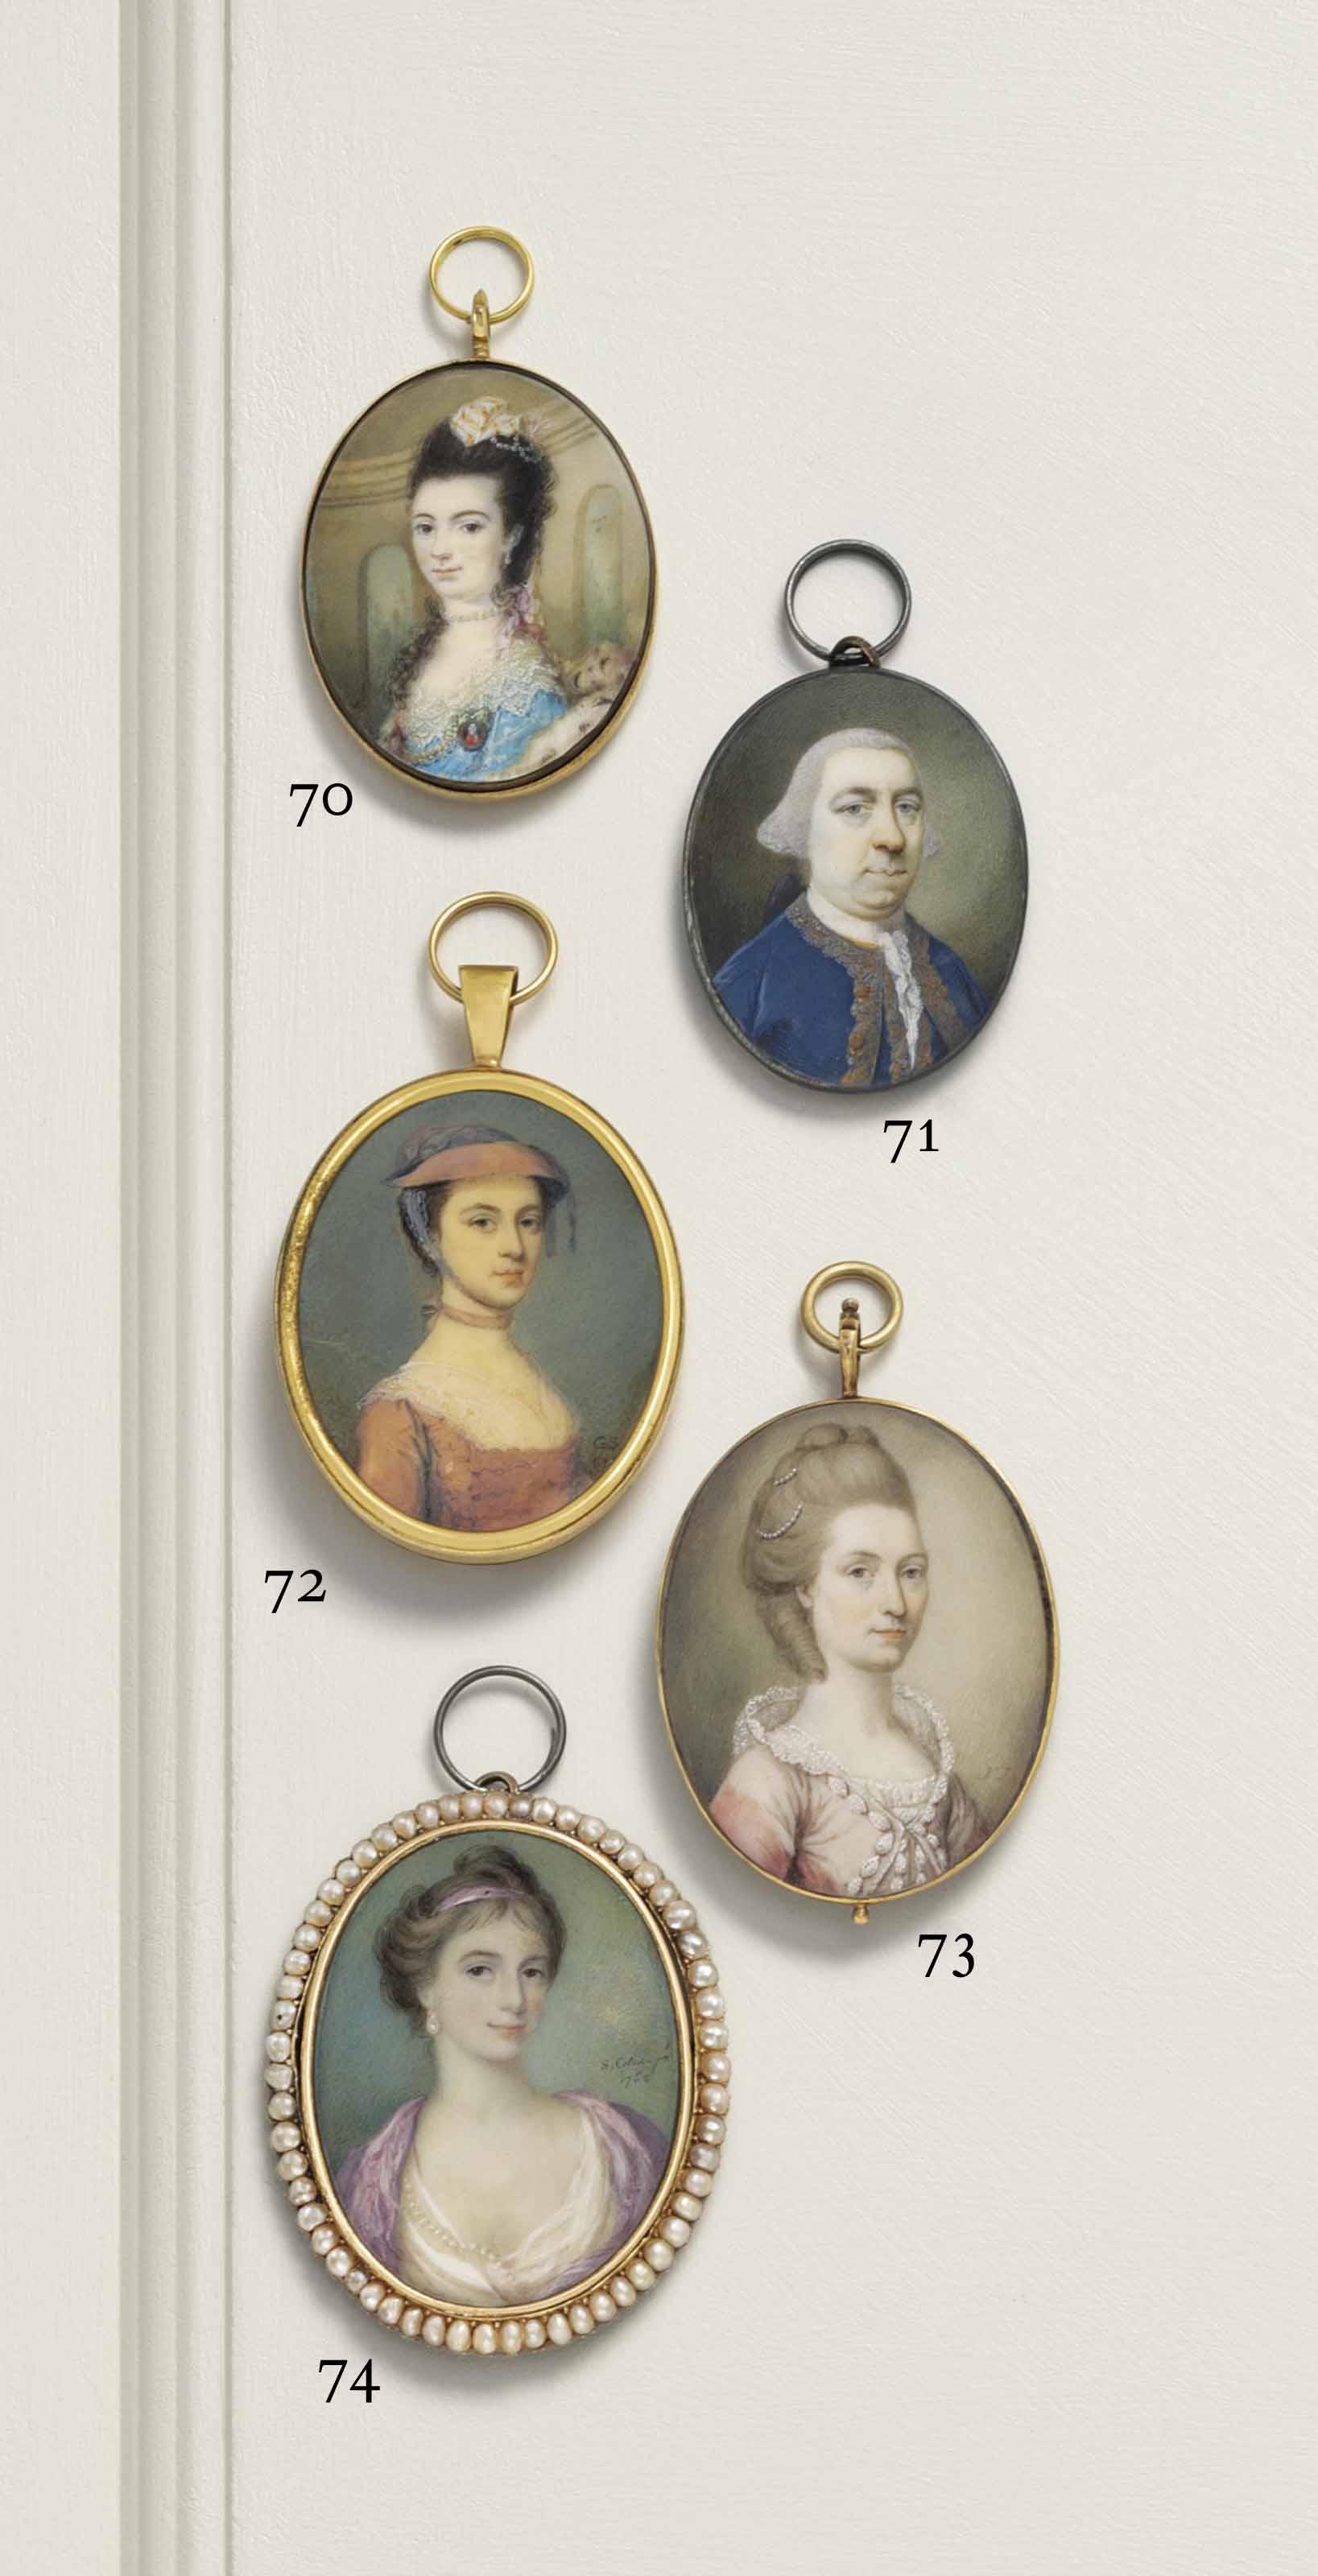 WILLIAM GRIMALDI (BRITISH, 1751-1830)